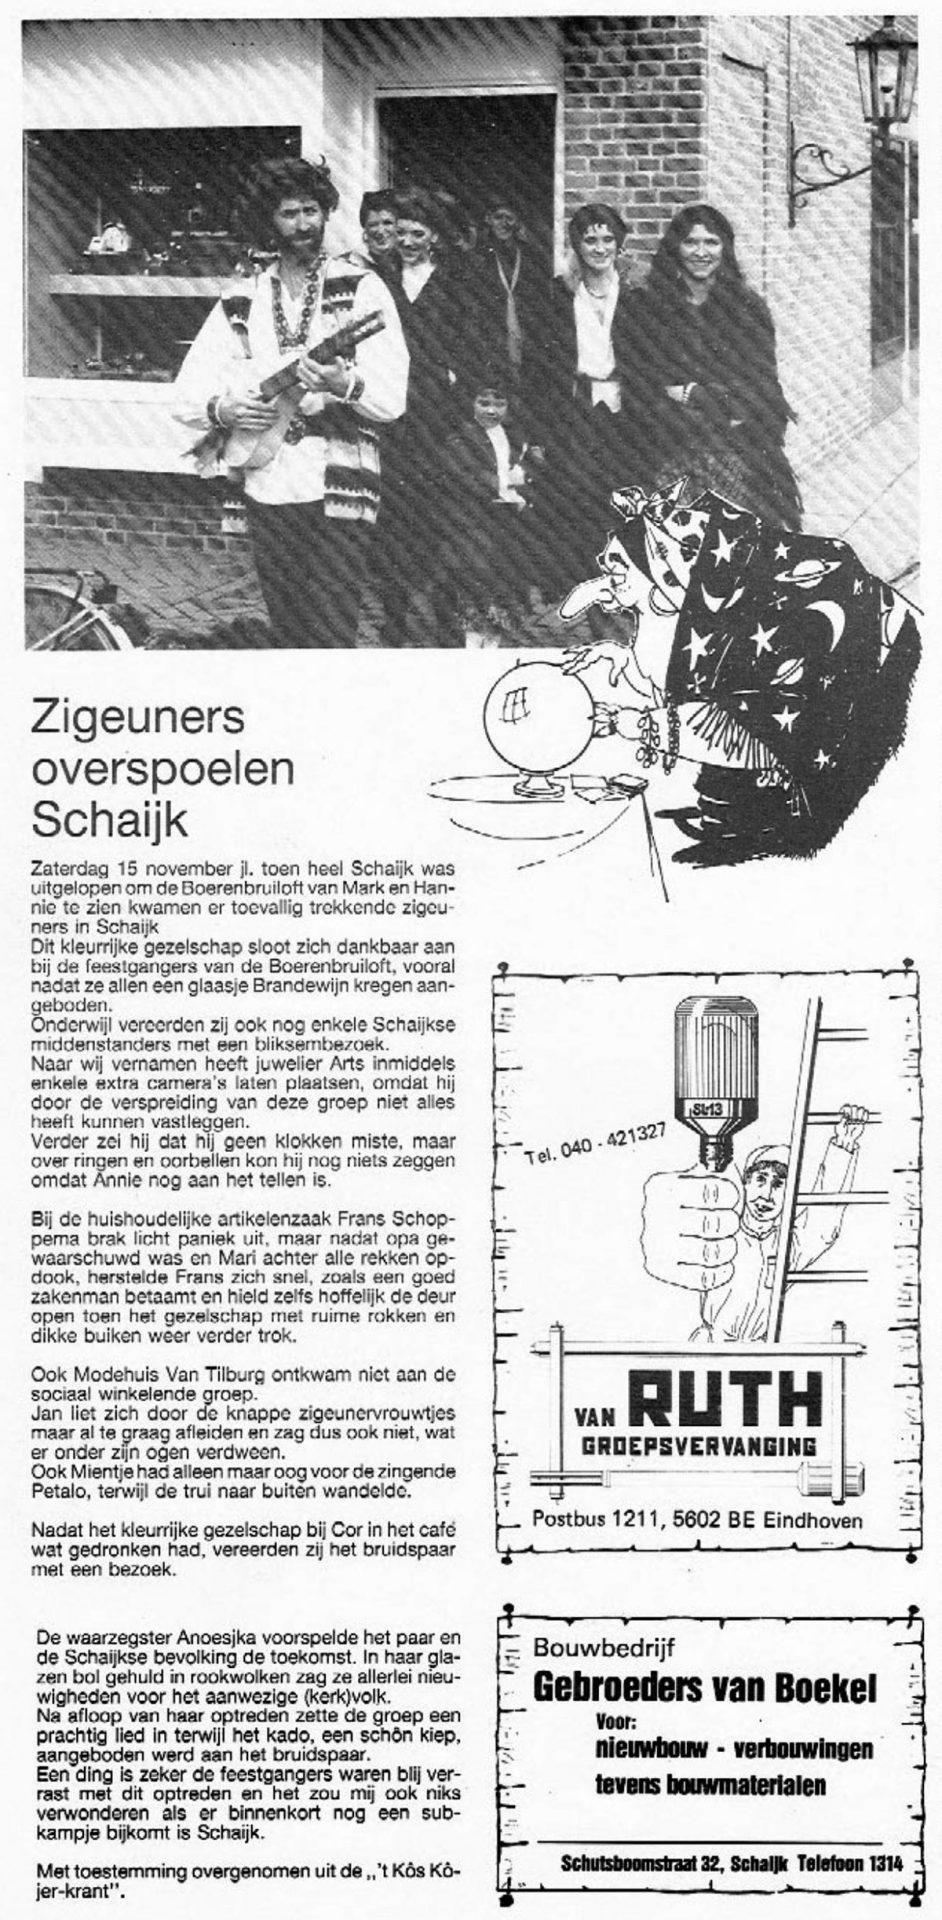 Stukje uit de carnavalskrant van 't Kos Kojer - 1988